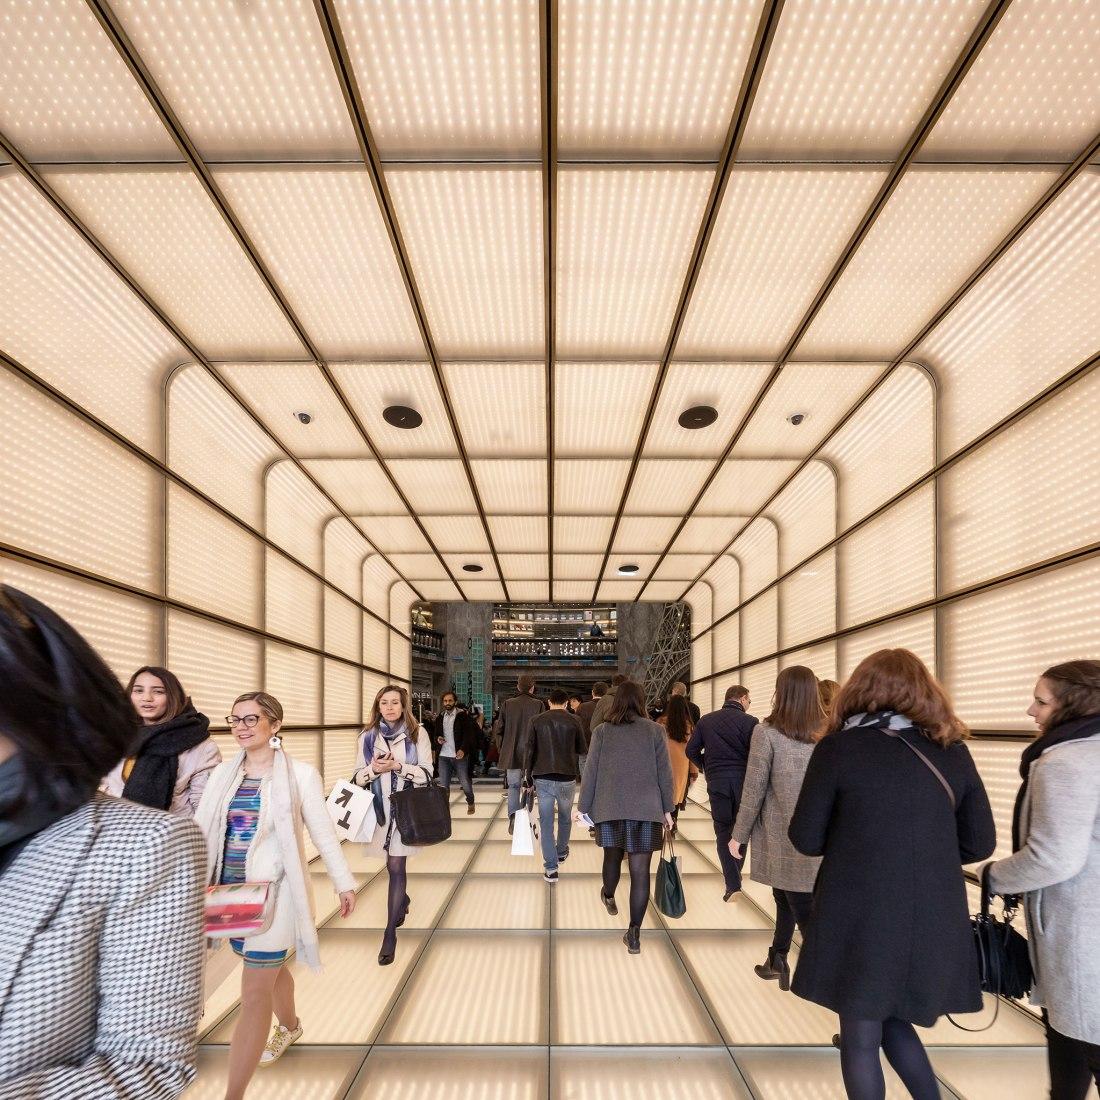 Galeries Lafayette Champs Elysées por BIG. Fotografía por Salem Mostefaoui.